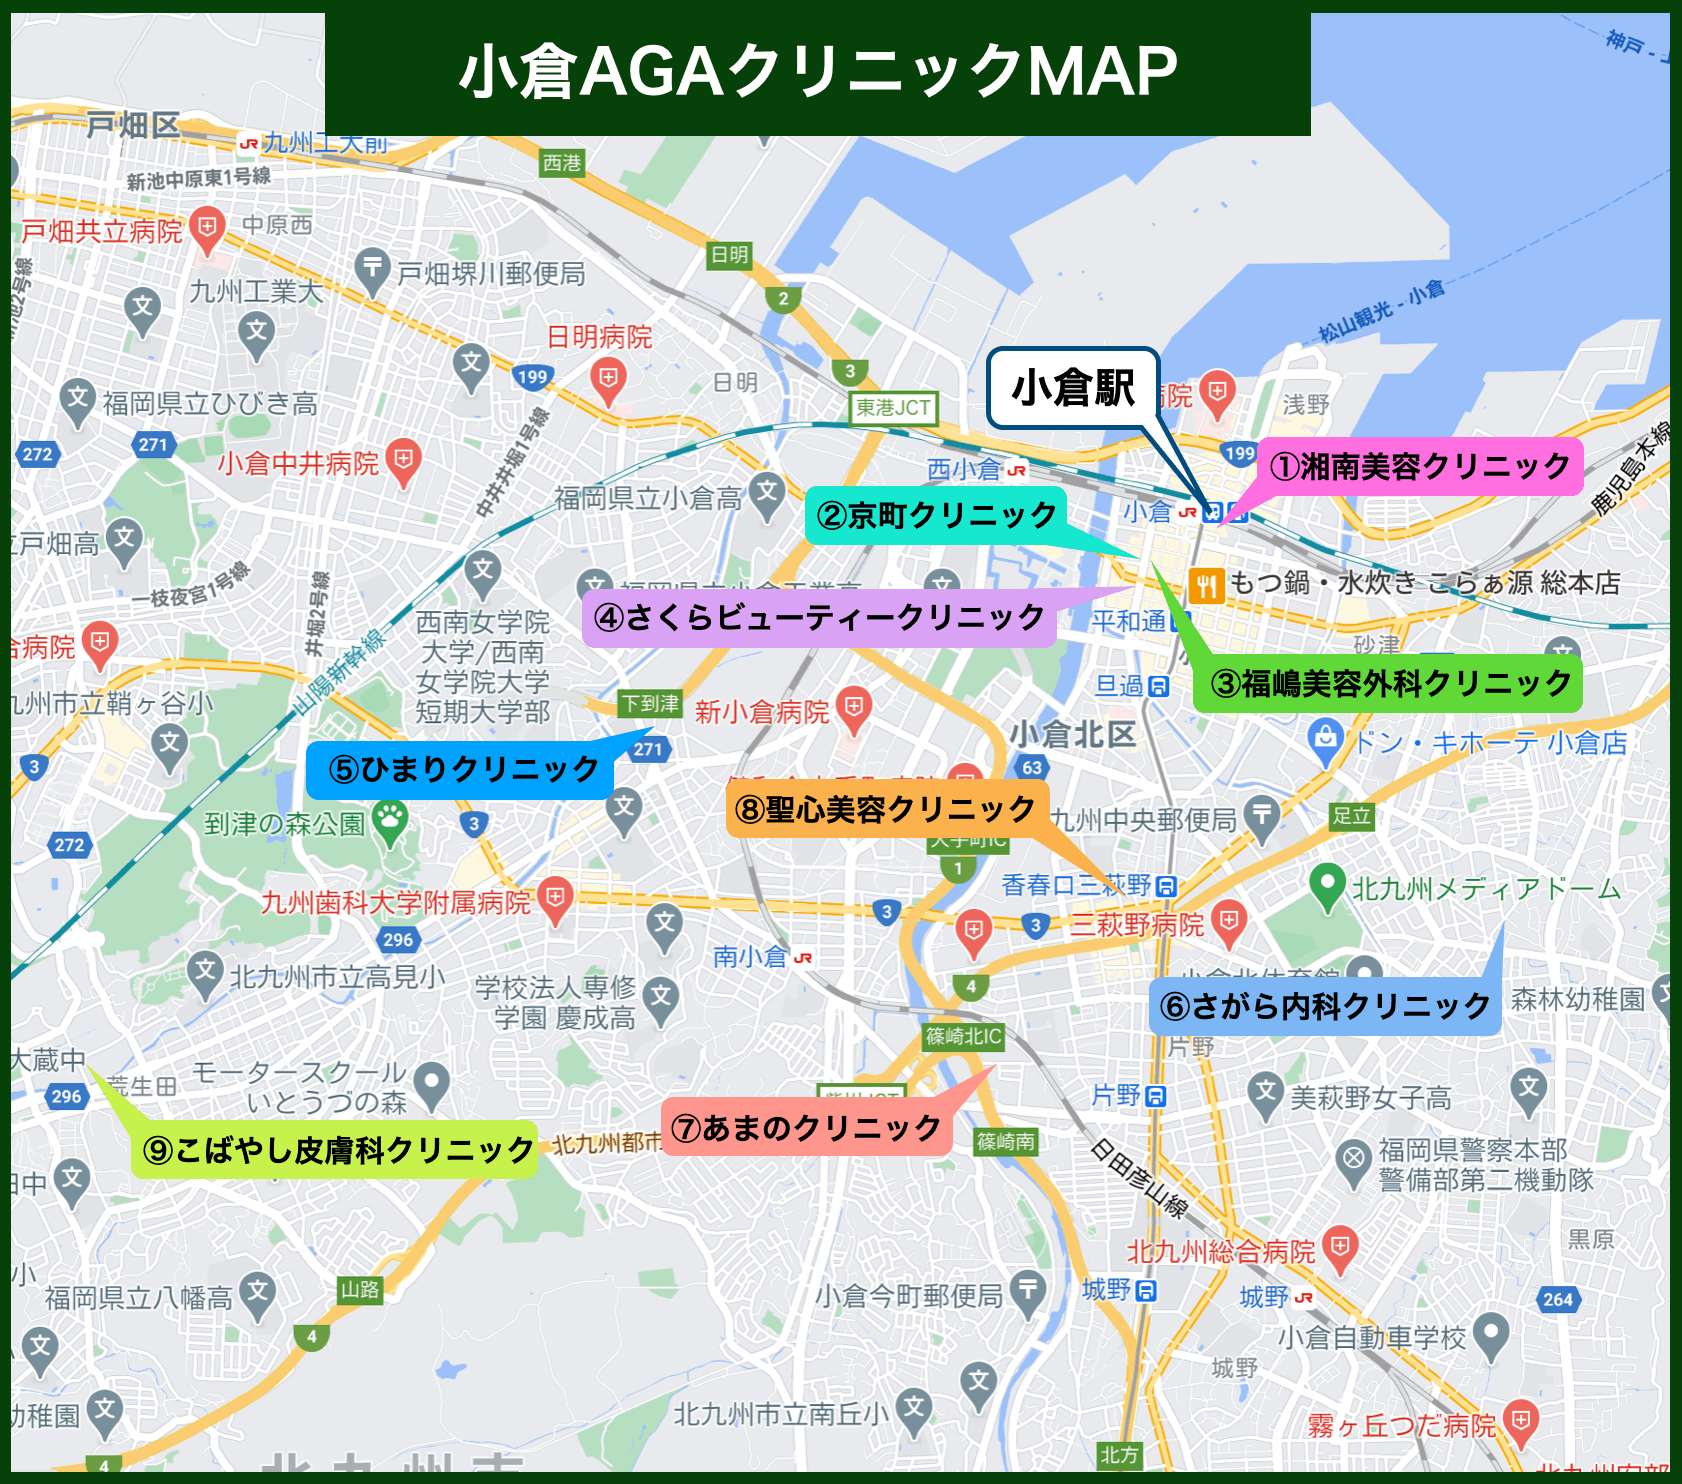 小倉AGAクリニックMAP